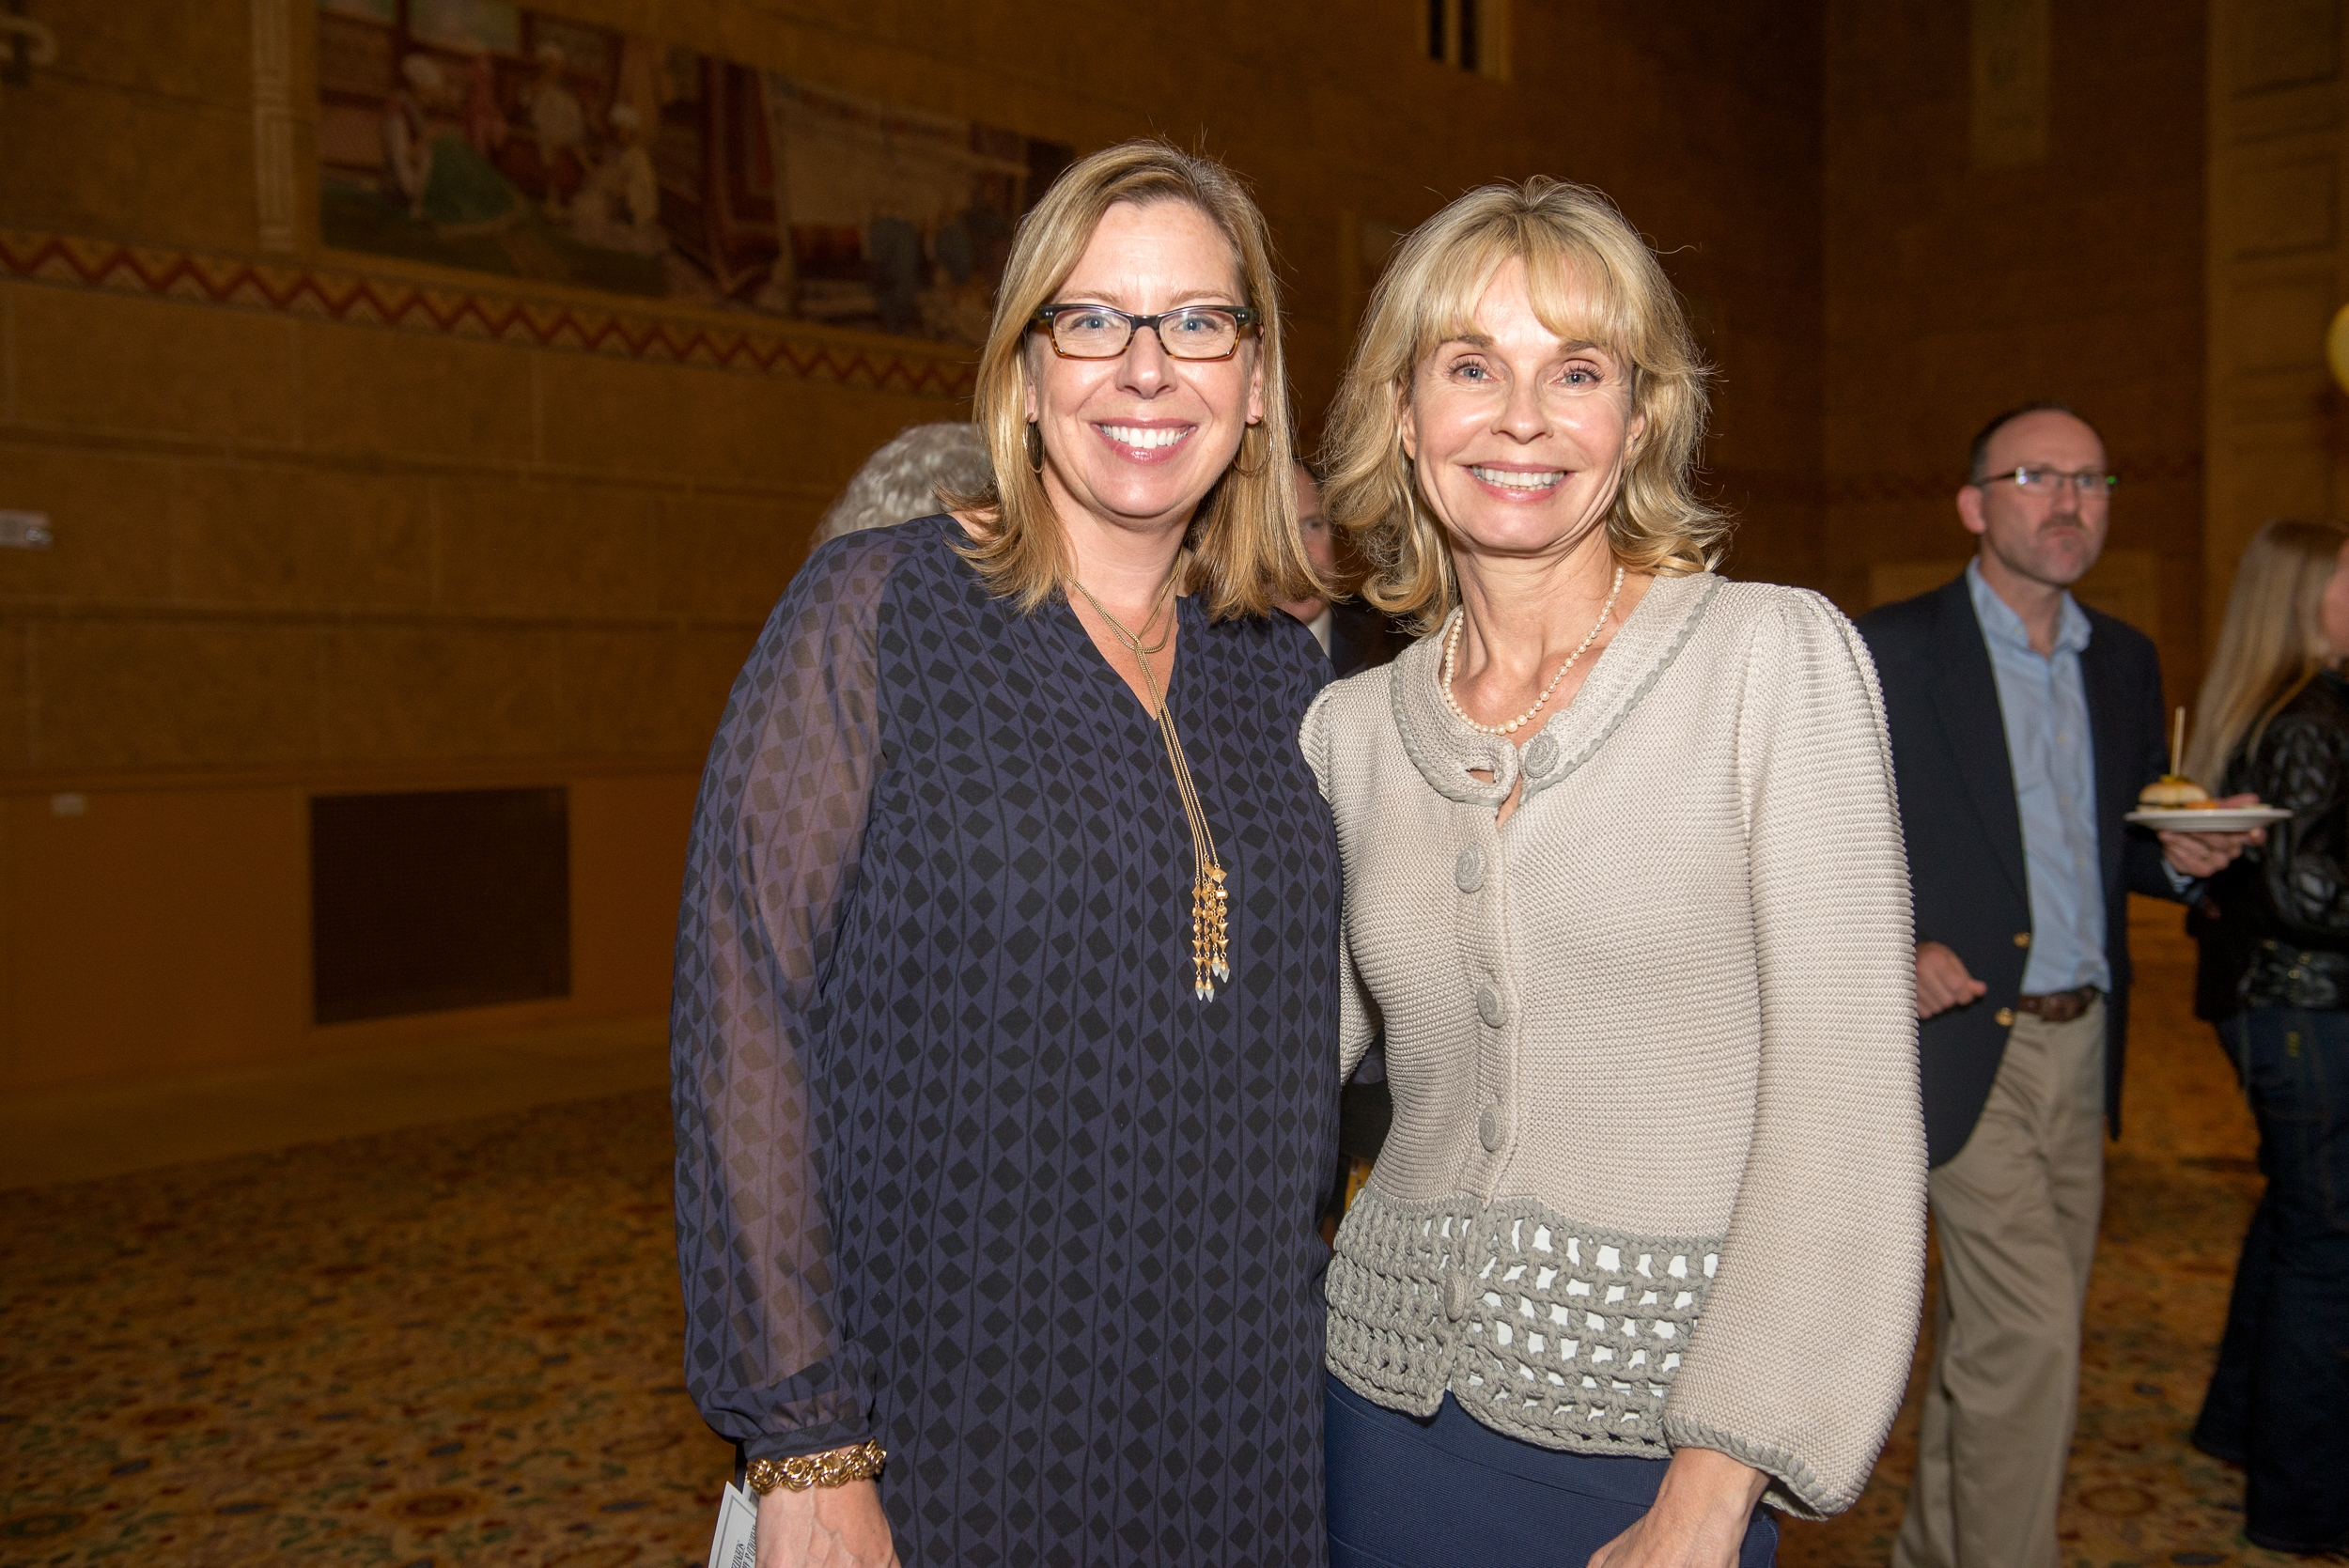 Harold & Arlene CARE Foundation's Celeste Rose & Susanne Orton